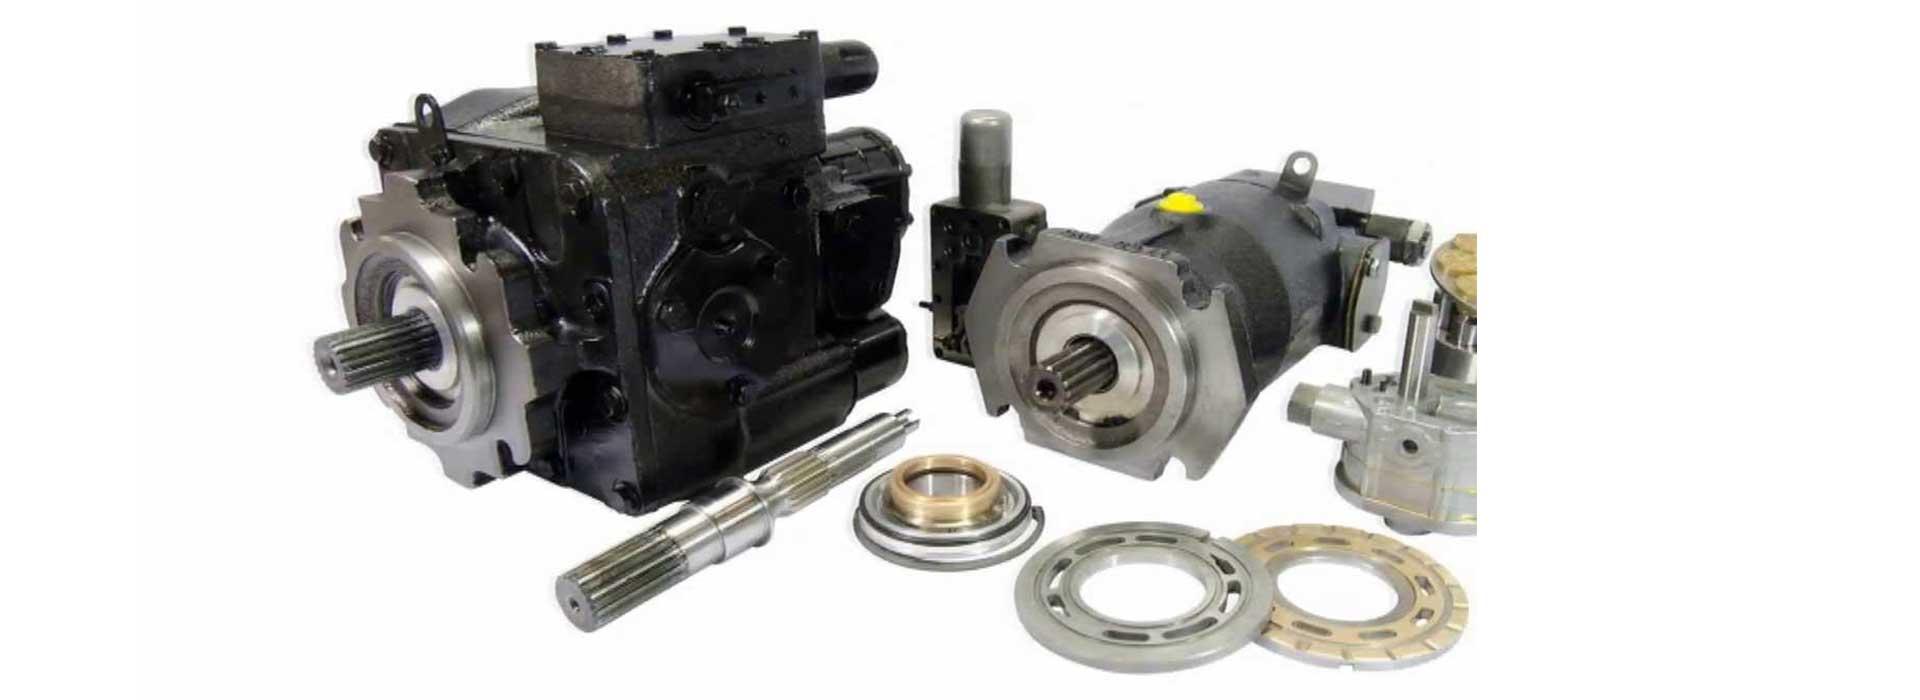 Sauer Hydraulic Piston Pump